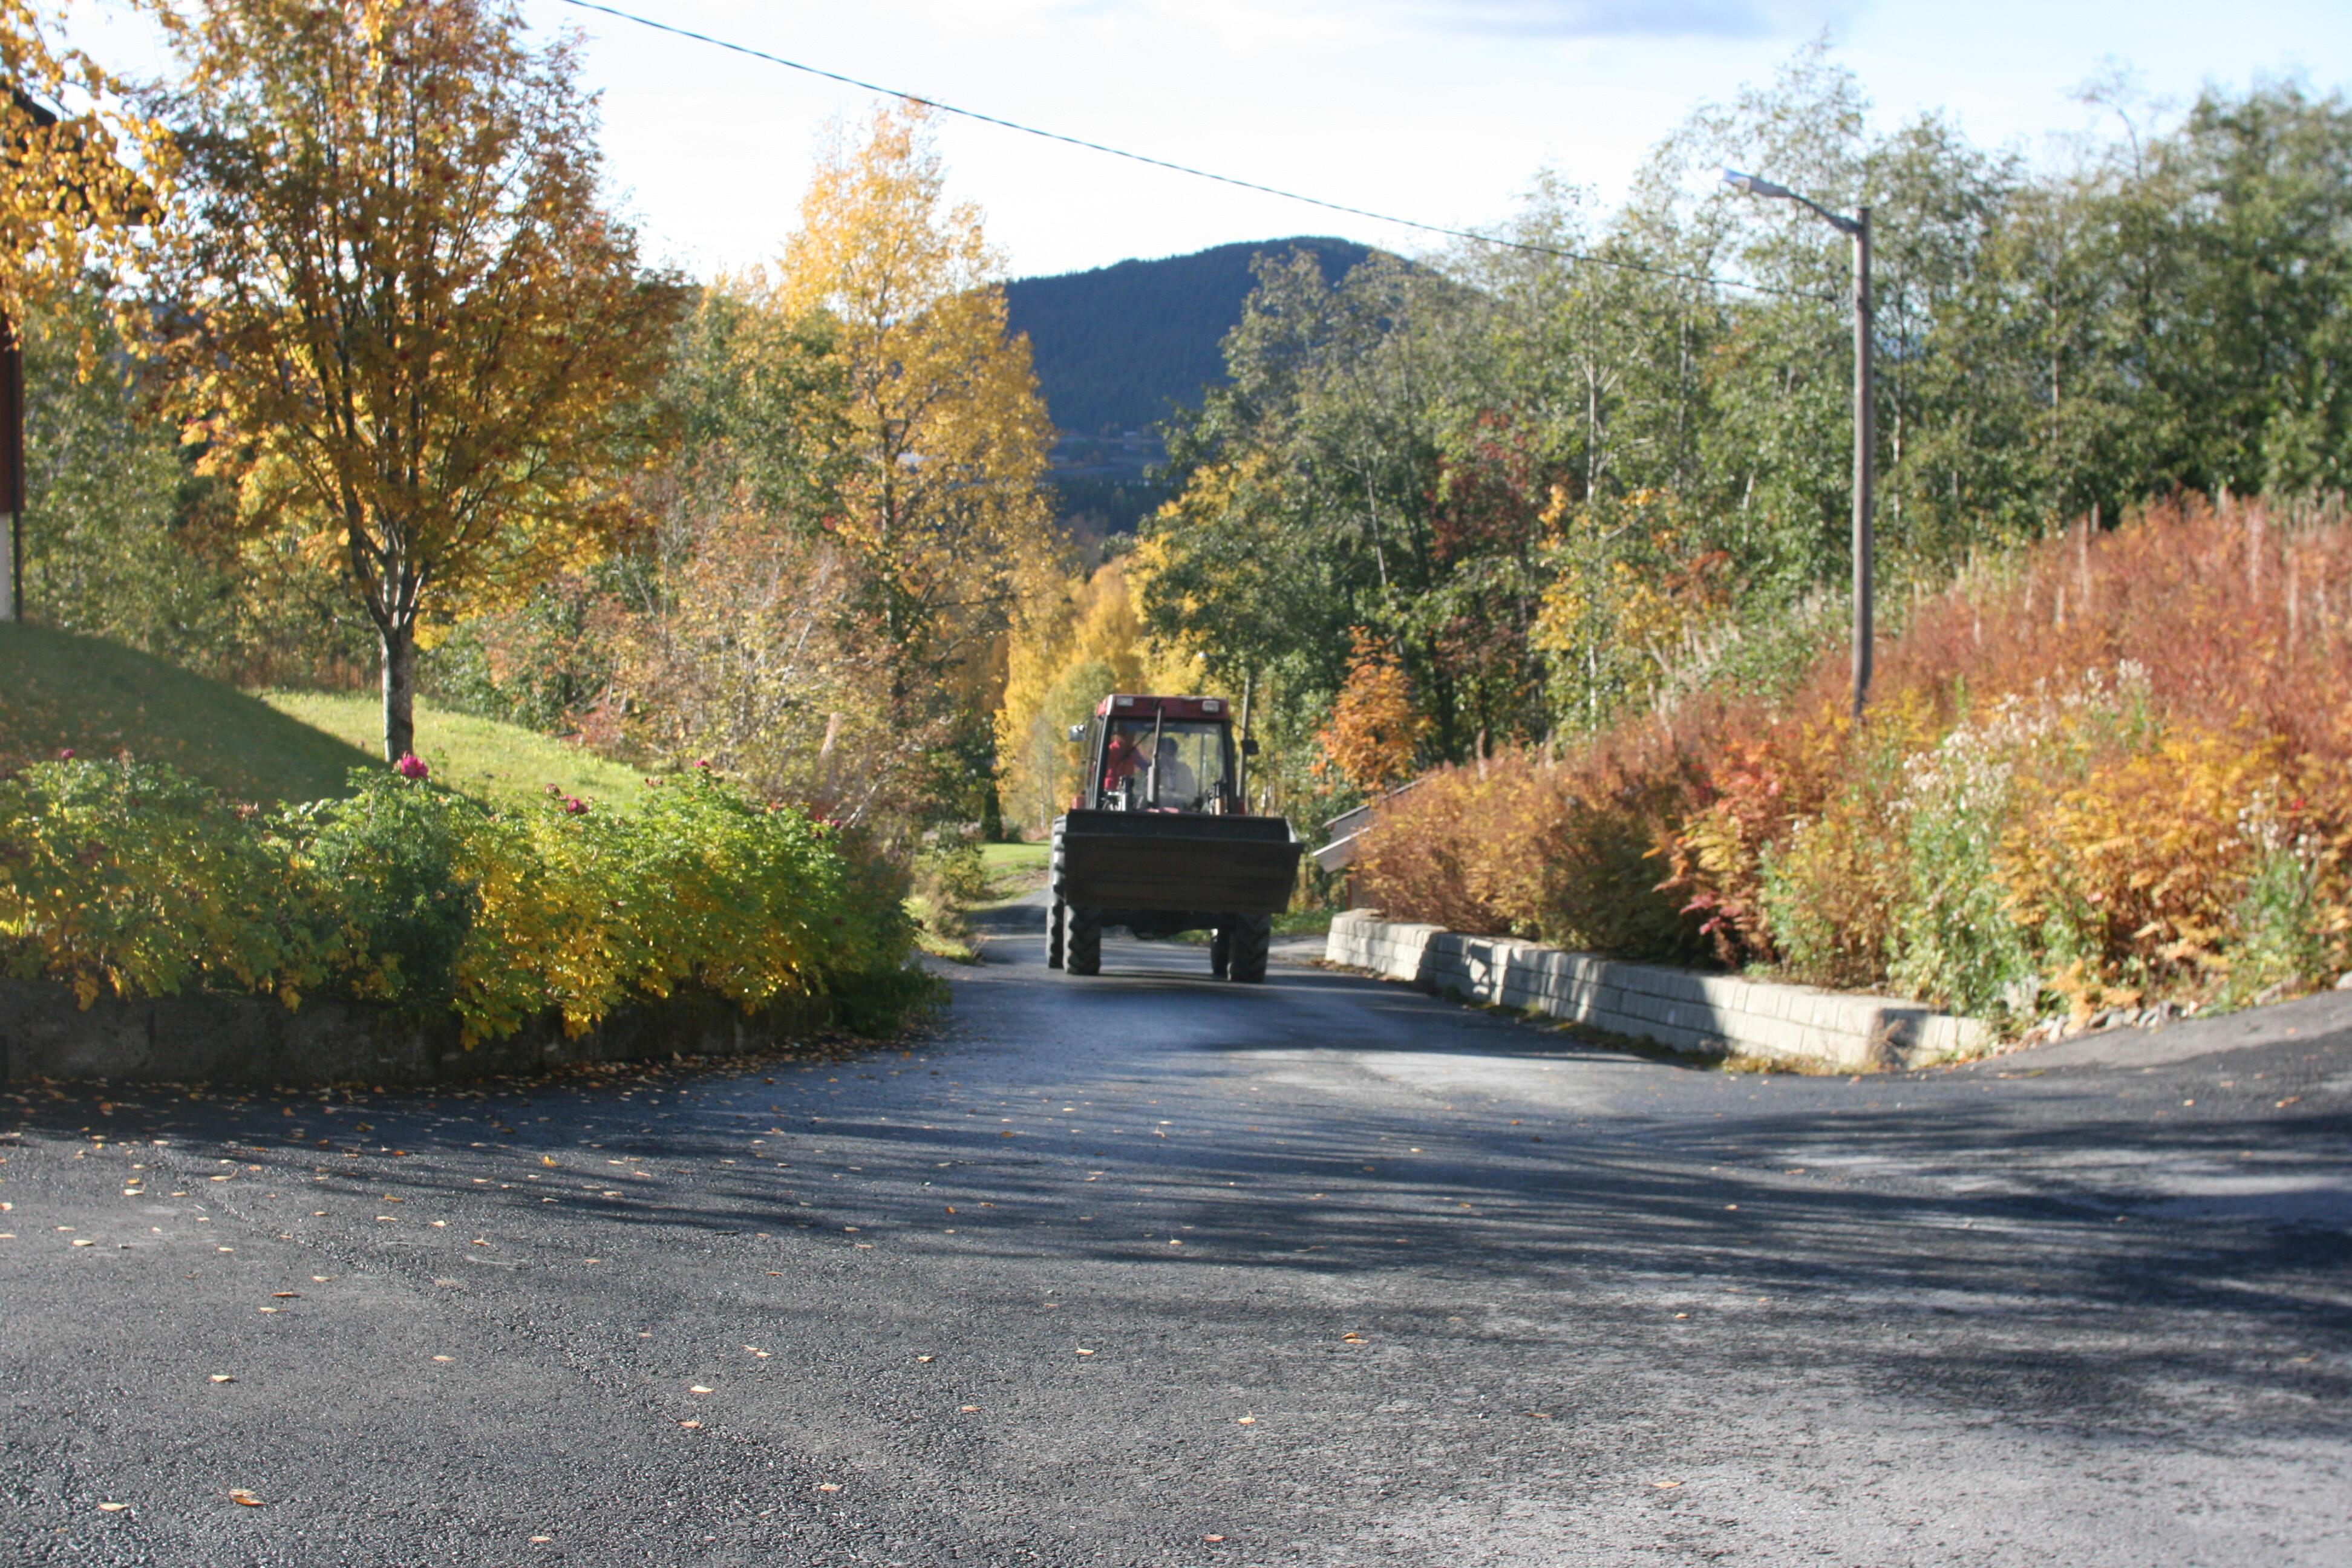 Traktor på landevei